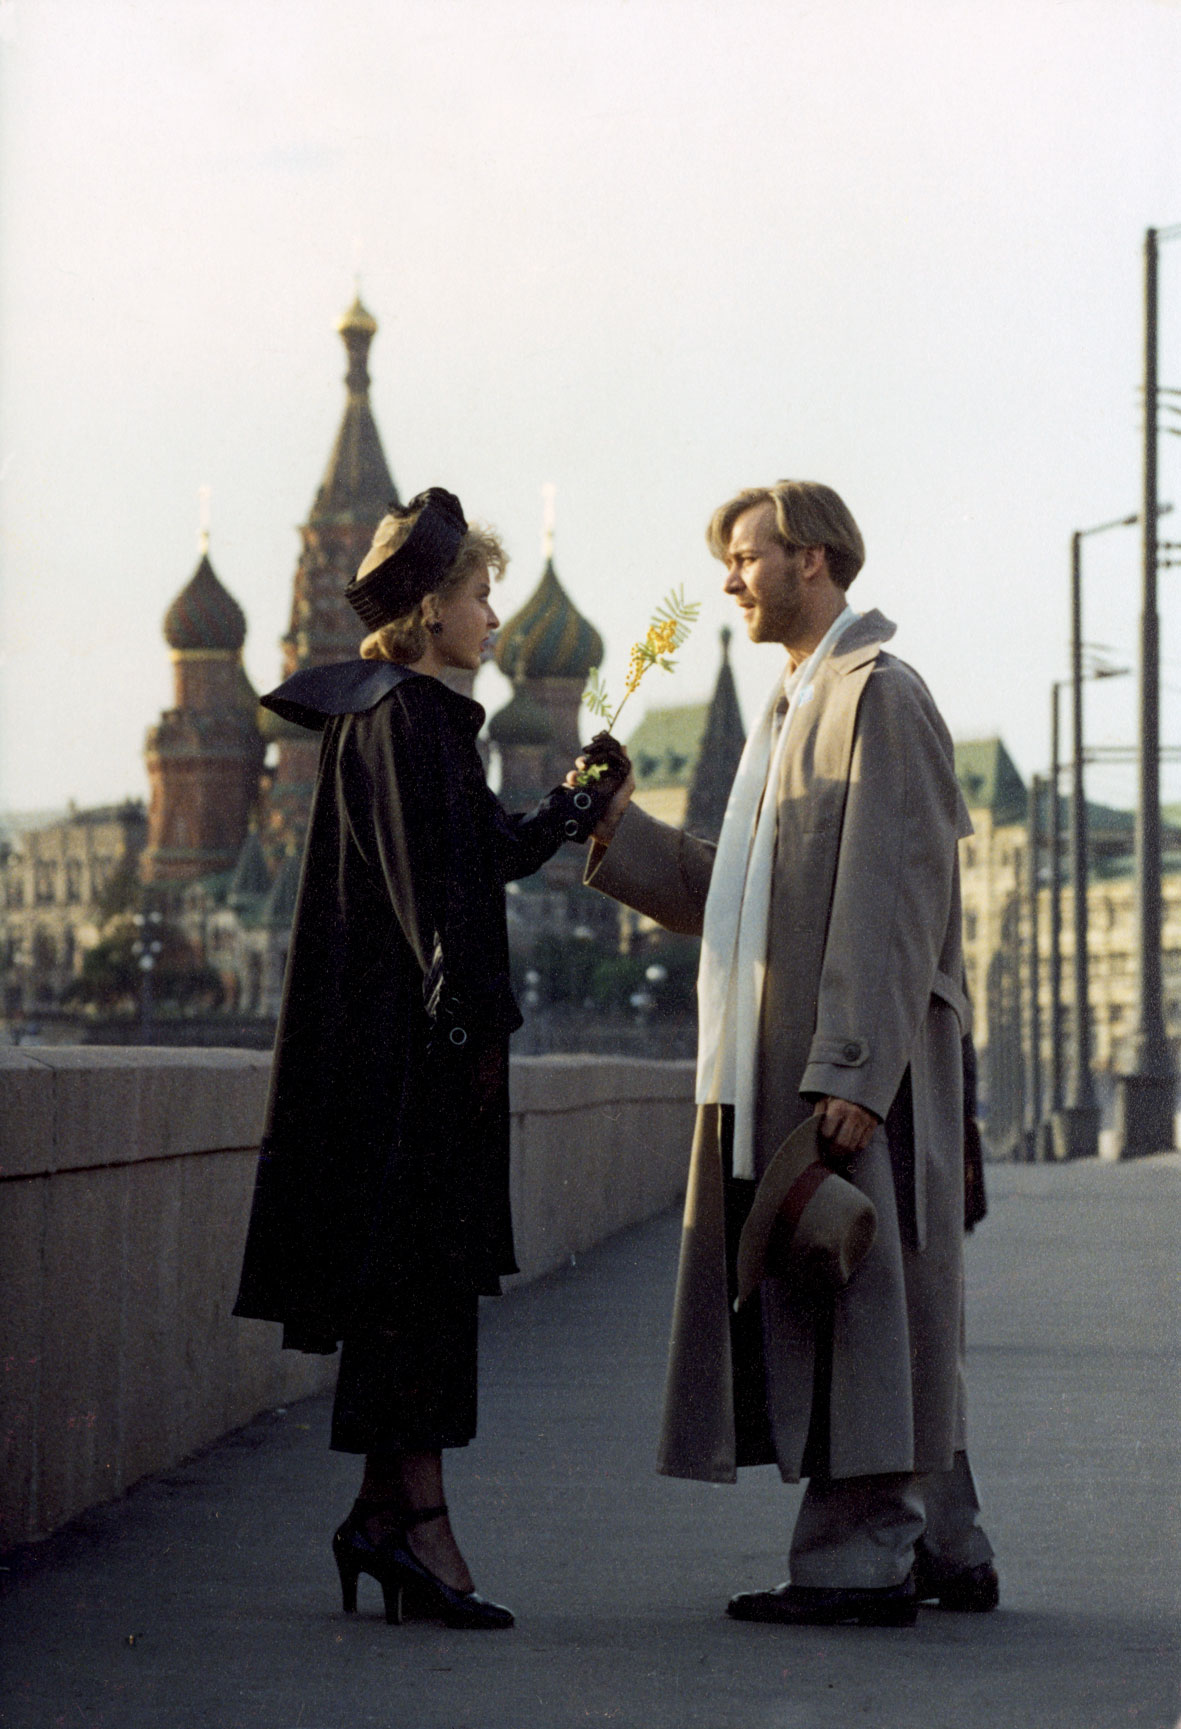 кадры из фильма Мастер и Маргарита Анастасия Вертинская, Виктор Раков,